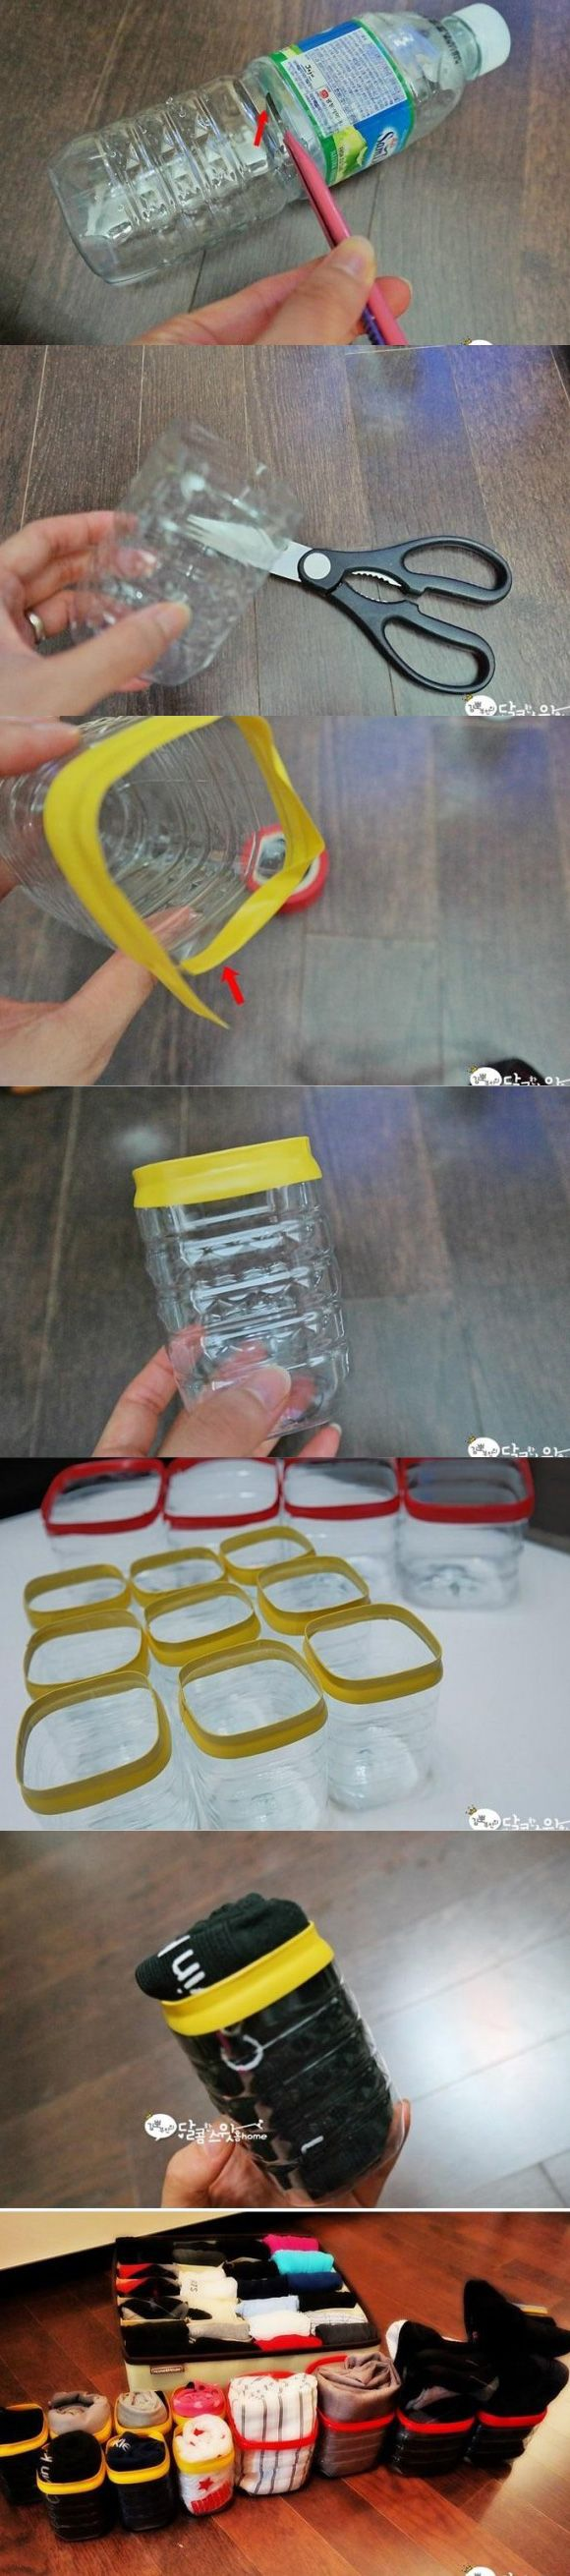 Dale una segunda vida a las botellas de plástico con este práctico tip. #reciclar #DIY #botellas #plastico